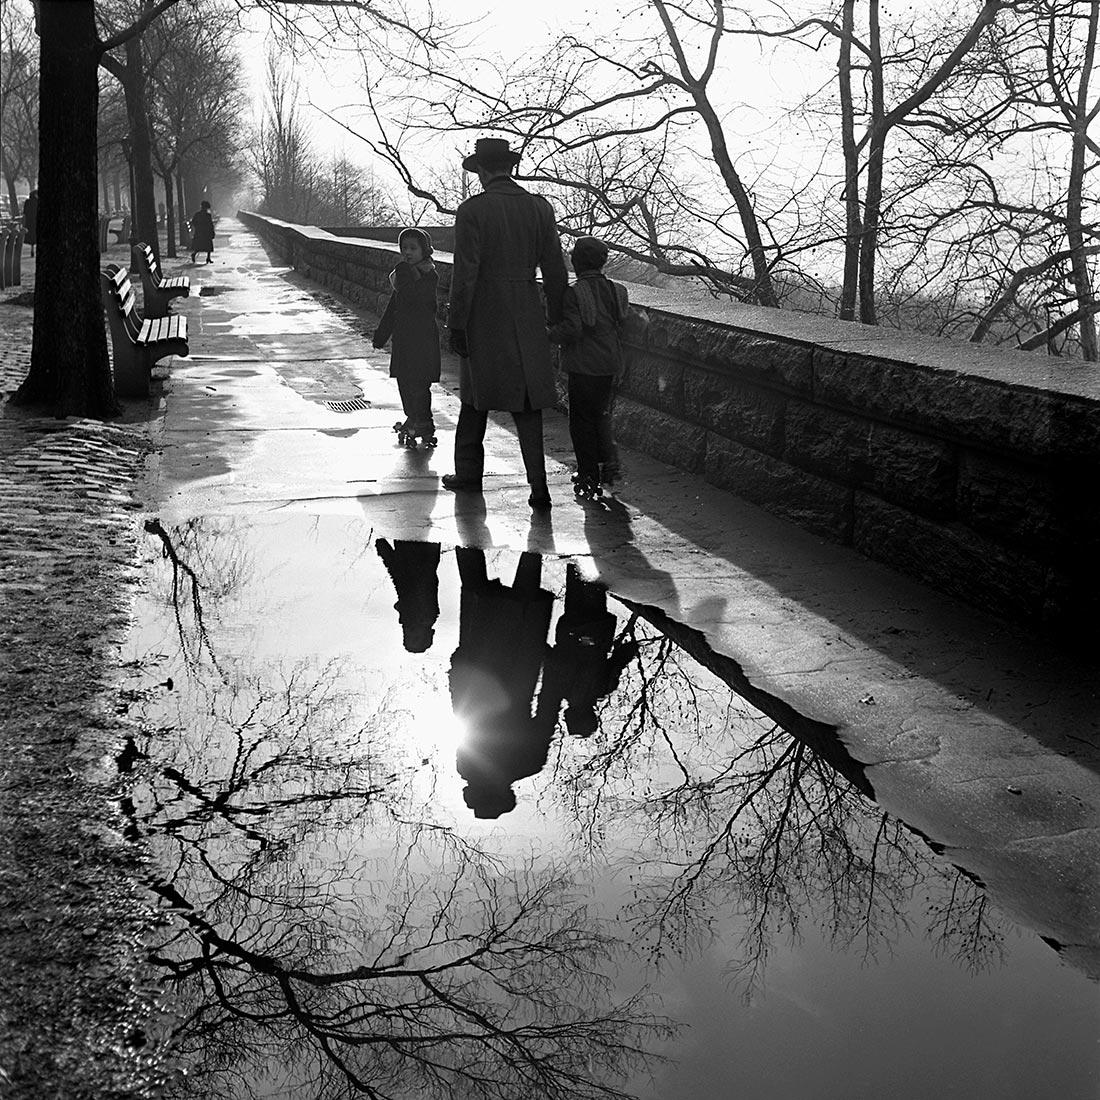 Vivian Maier räknas som en av de främsta gatufotograferna. Se ett urval av hennes fantastiska bilder på Objektivtest.se